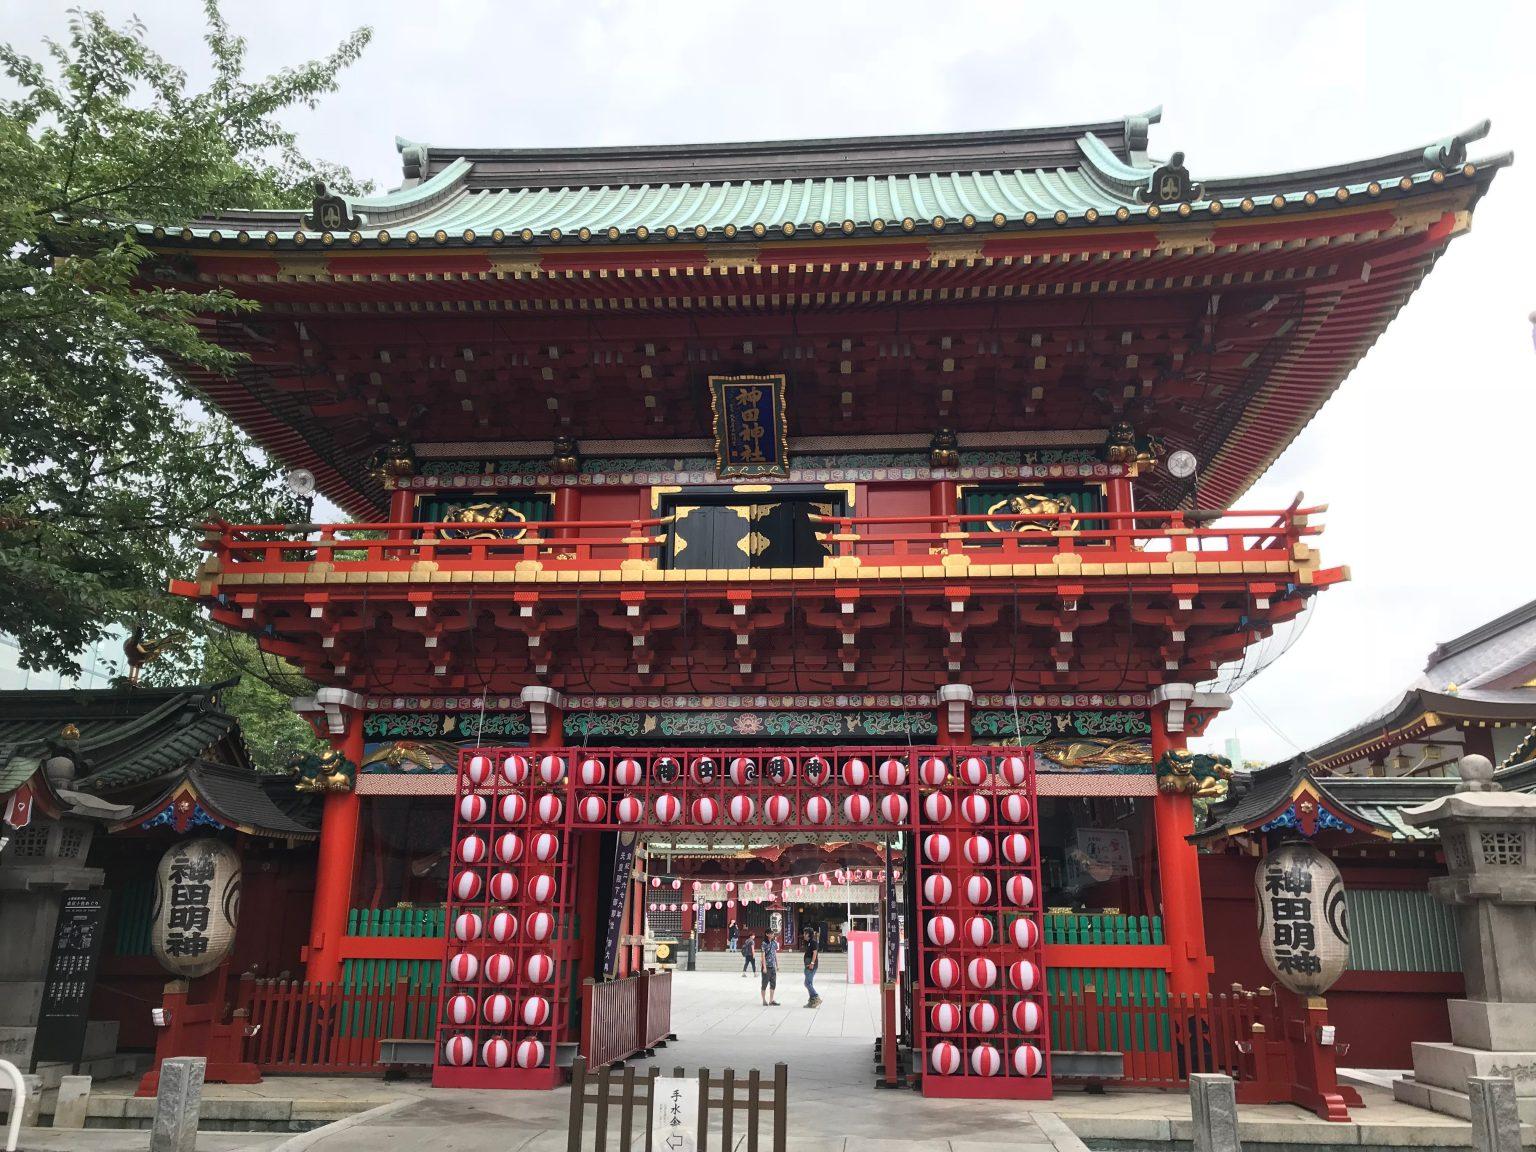 戀愛神社 東京051